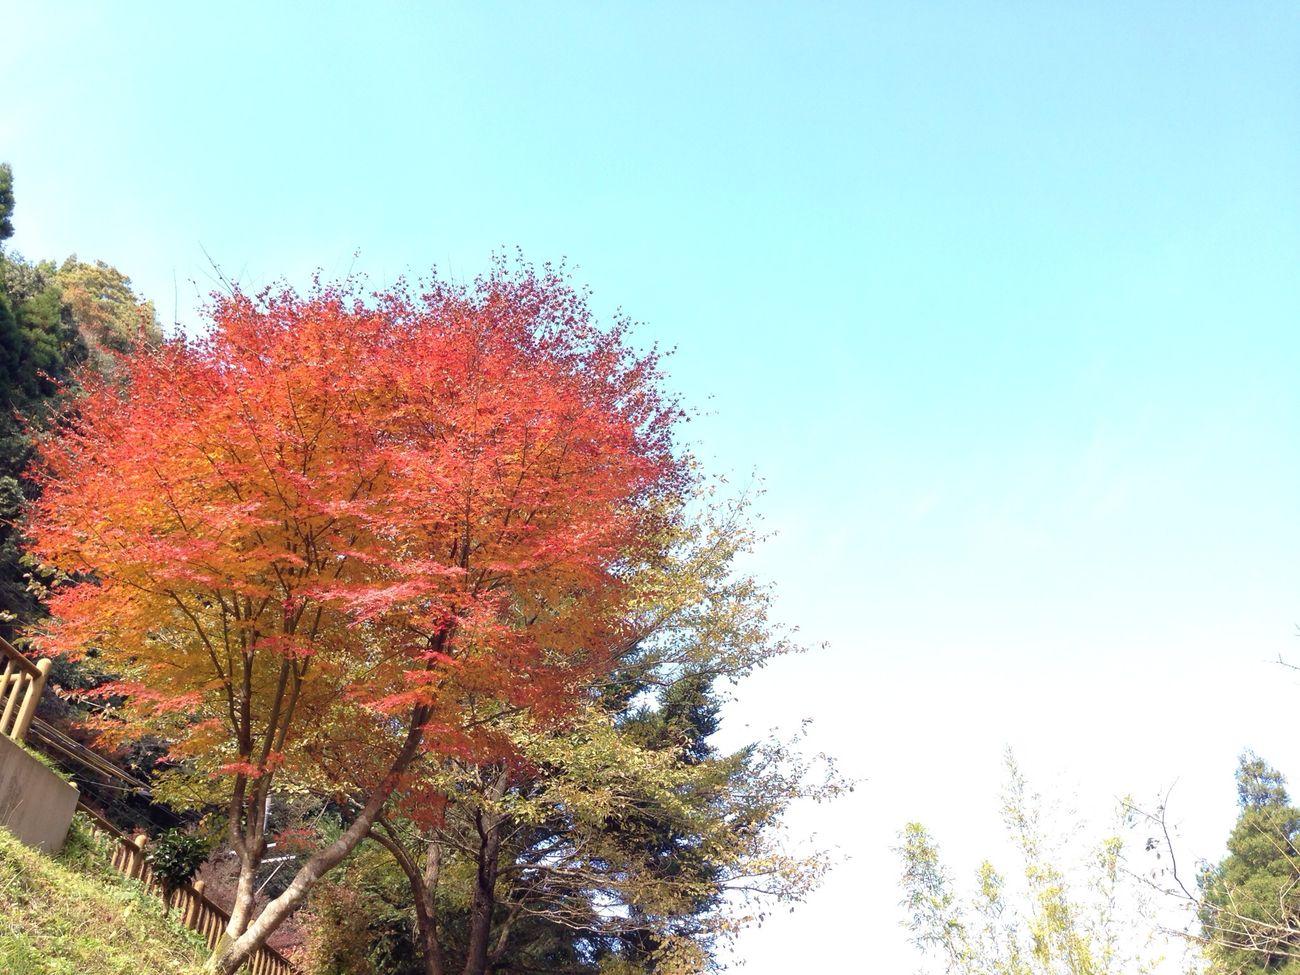 紅葉 Autumn 紅葉狩り Sky_collection アップデートでコメント返信出来るようになった( ´ ▽ ` )ノ